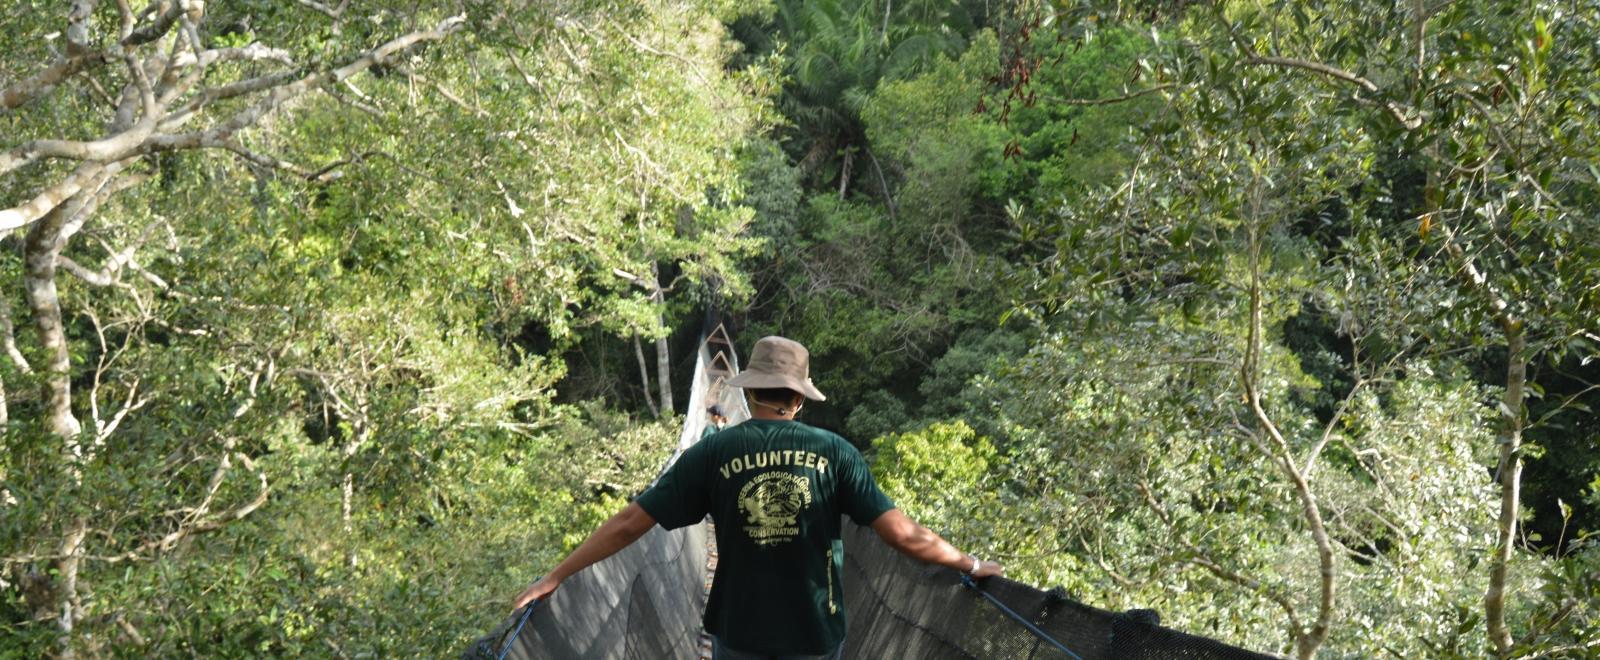 Projects Abroad vrijwilligers ervaren het Amazone regenwoud vanop de hoogste brug in Zuid-Amerika.